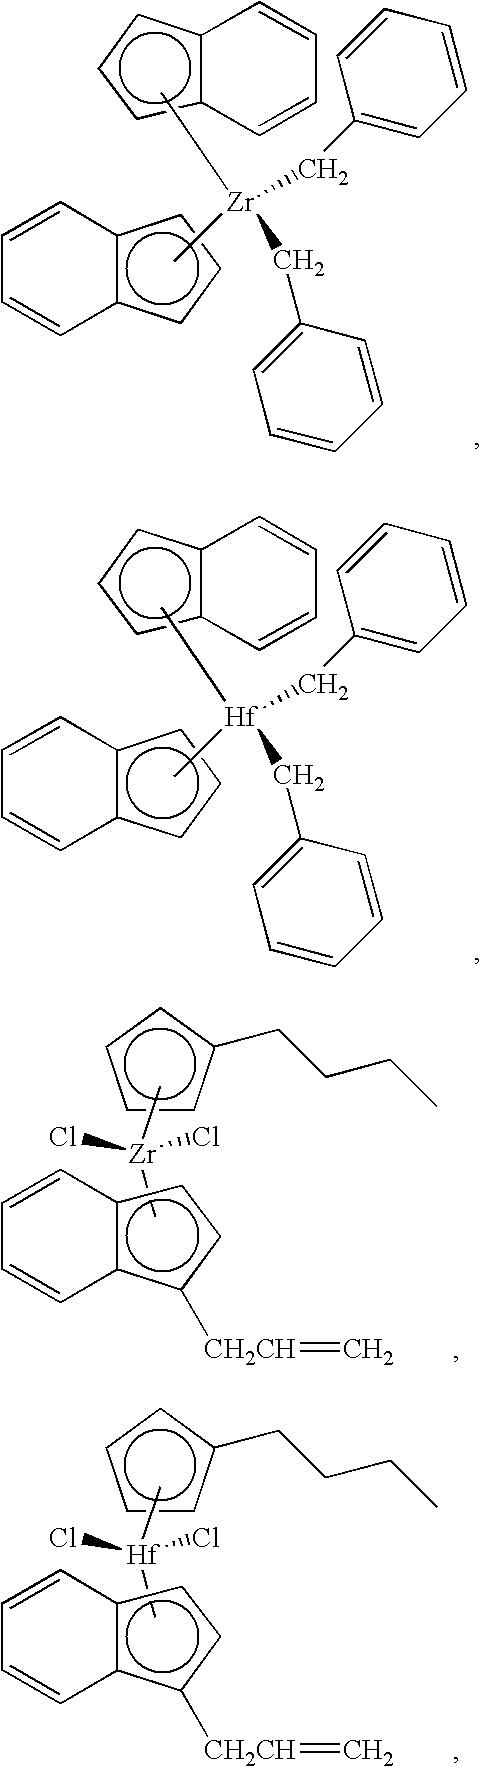 Figure US07619047-20091117-C00055